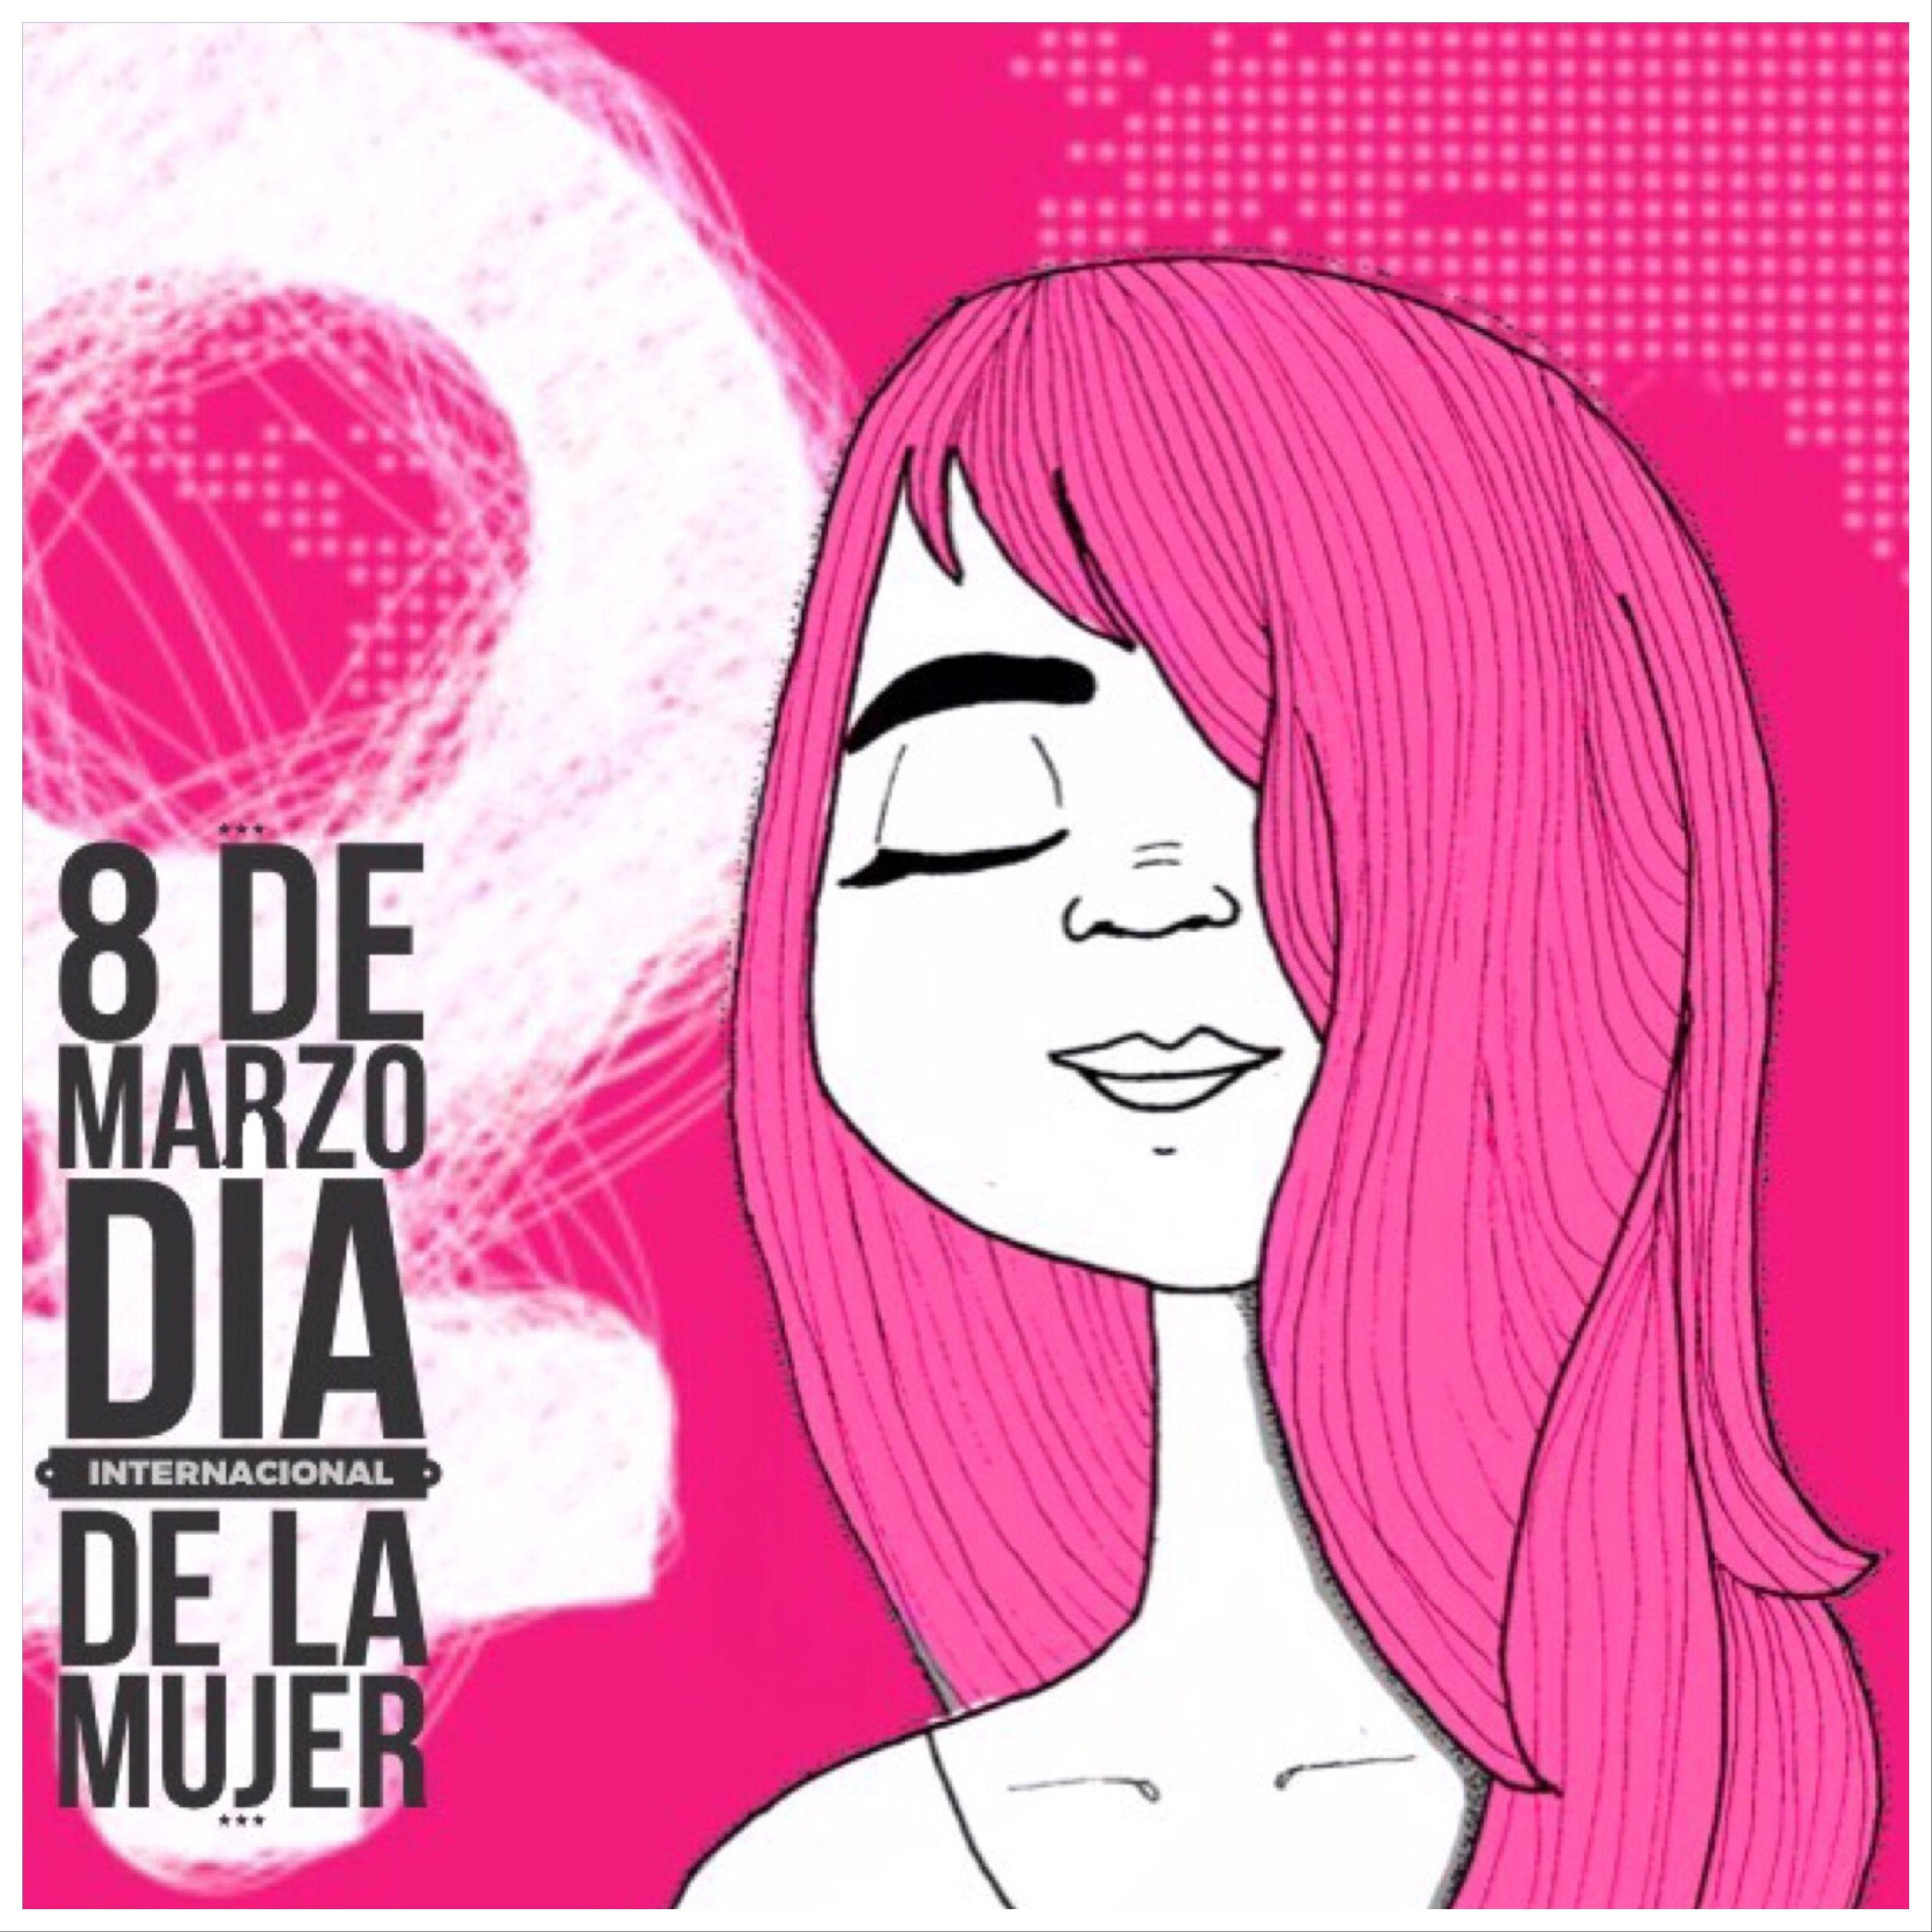 4 8 De Marzo Dia De La Mujer Rosa Dia De La Mujer 8 De Marzo Dia Internacional De La Mujer